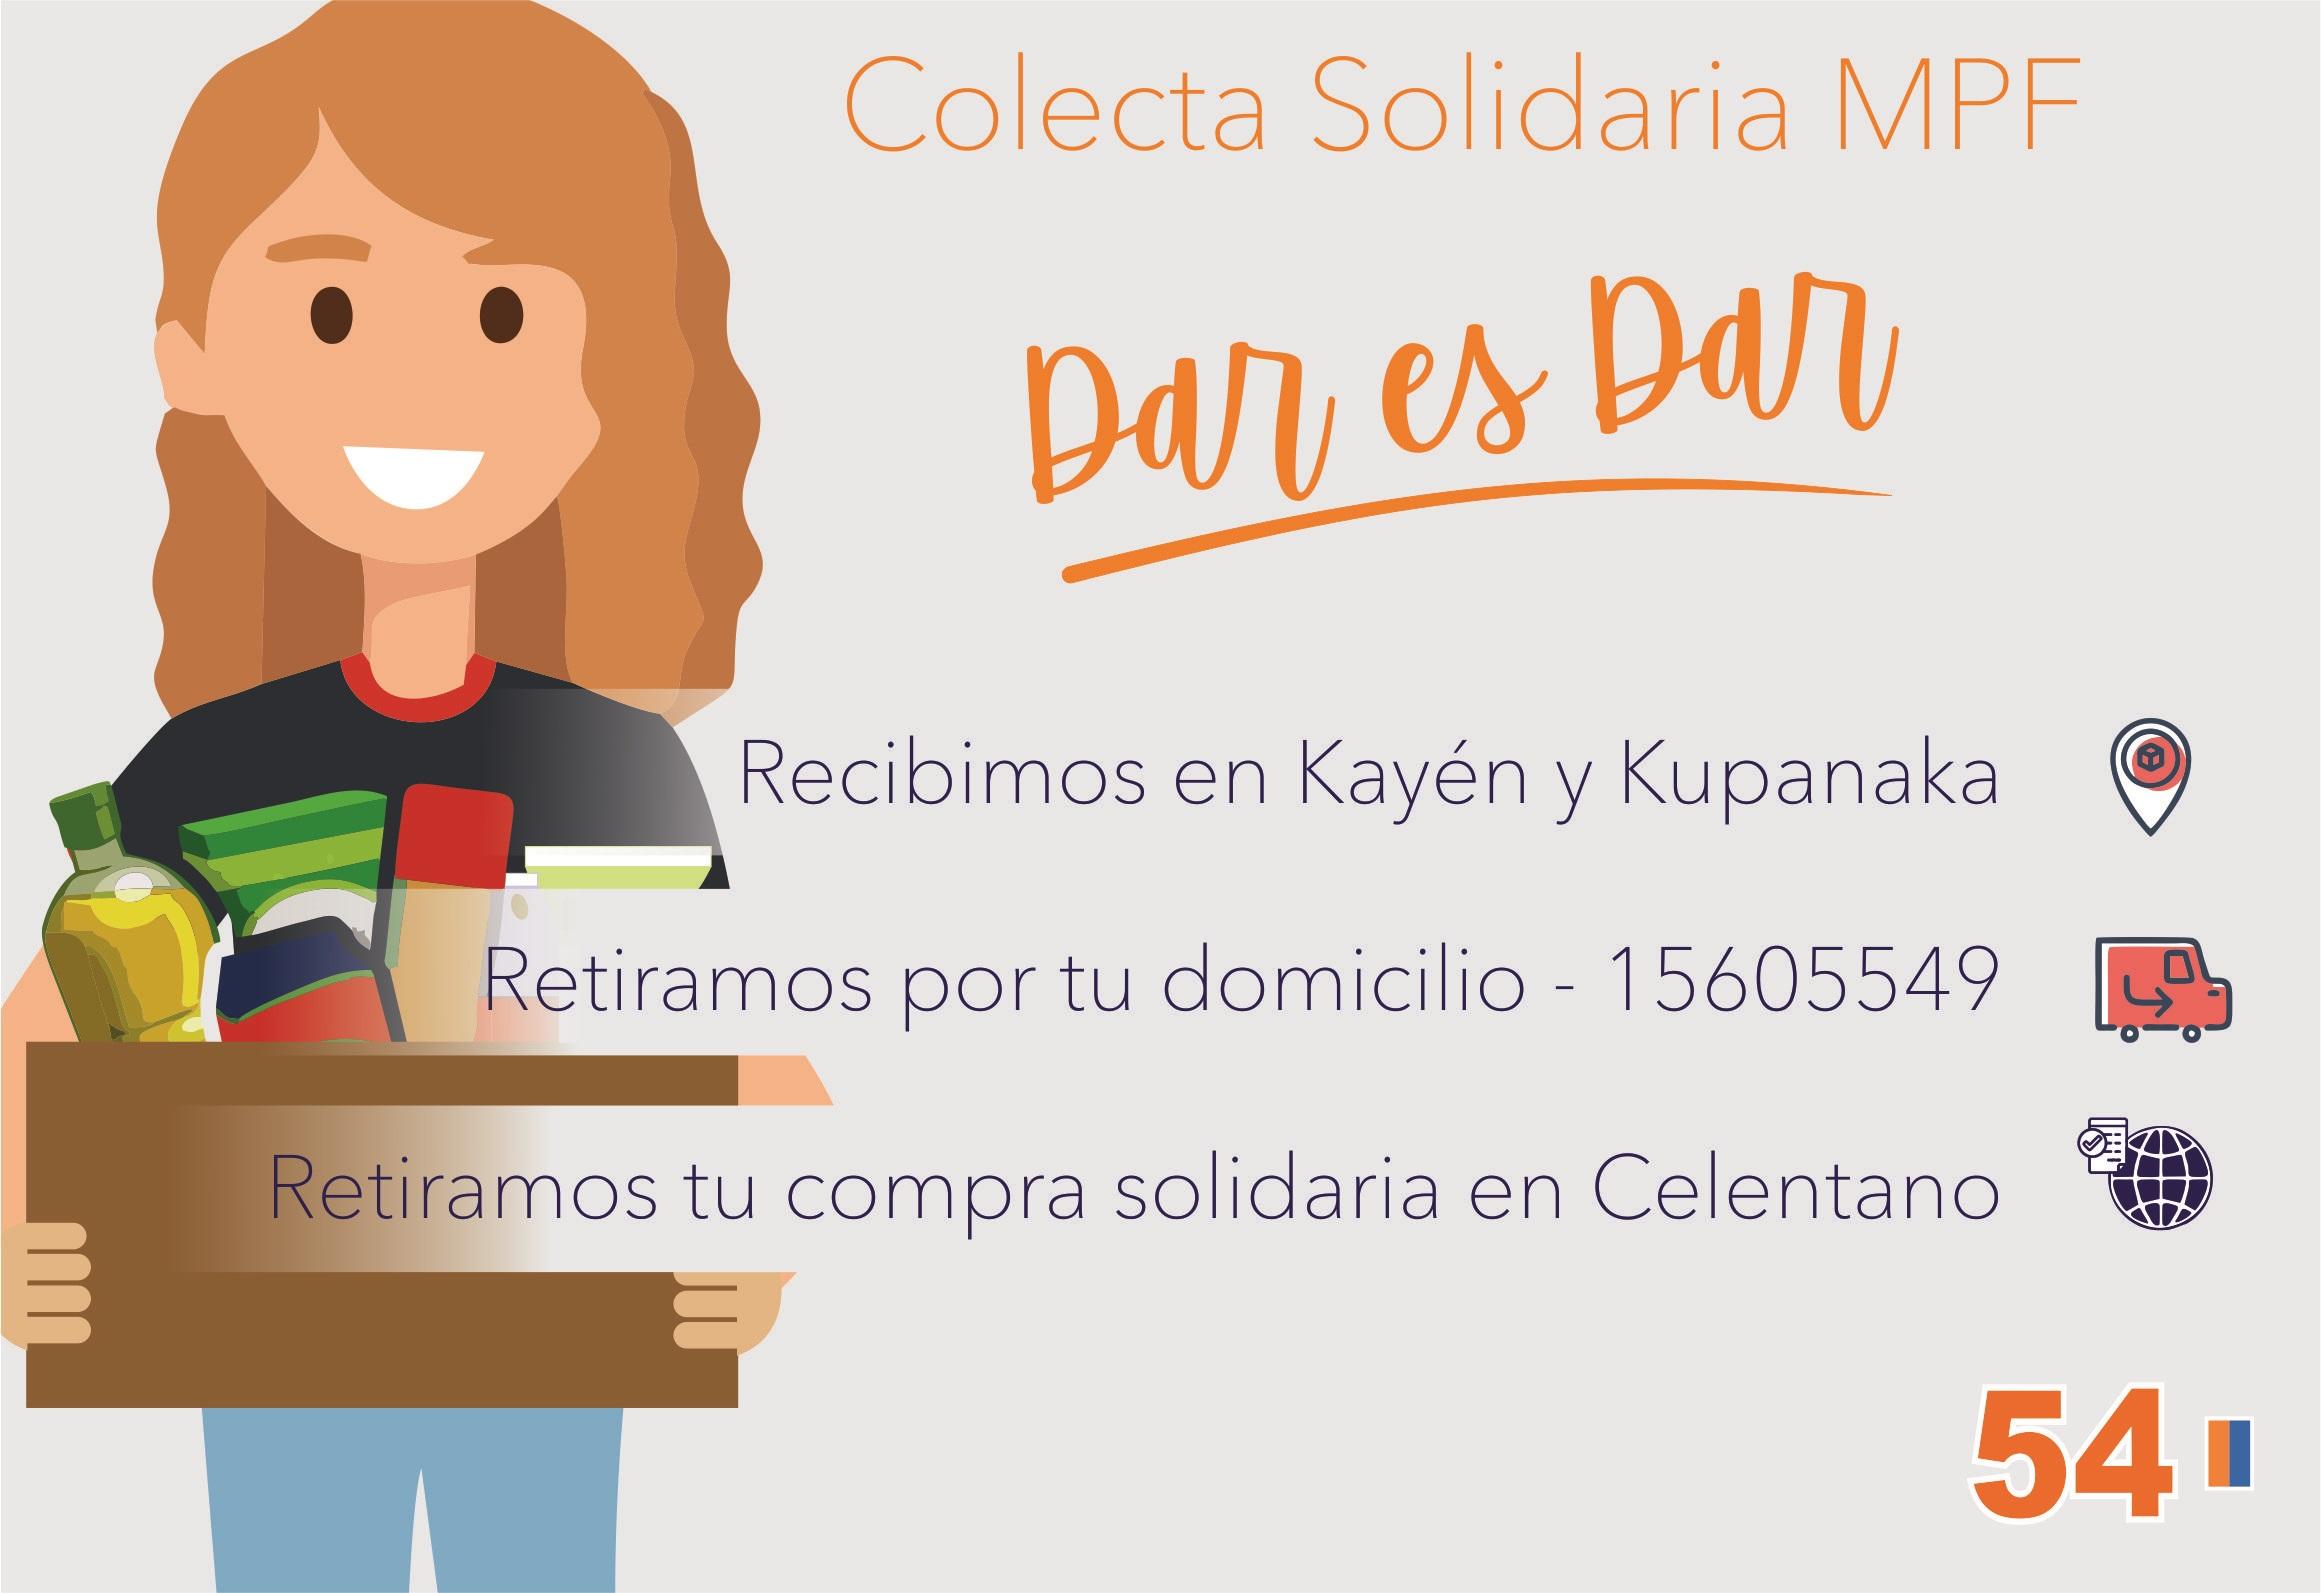 Colecta Solidaria MPF